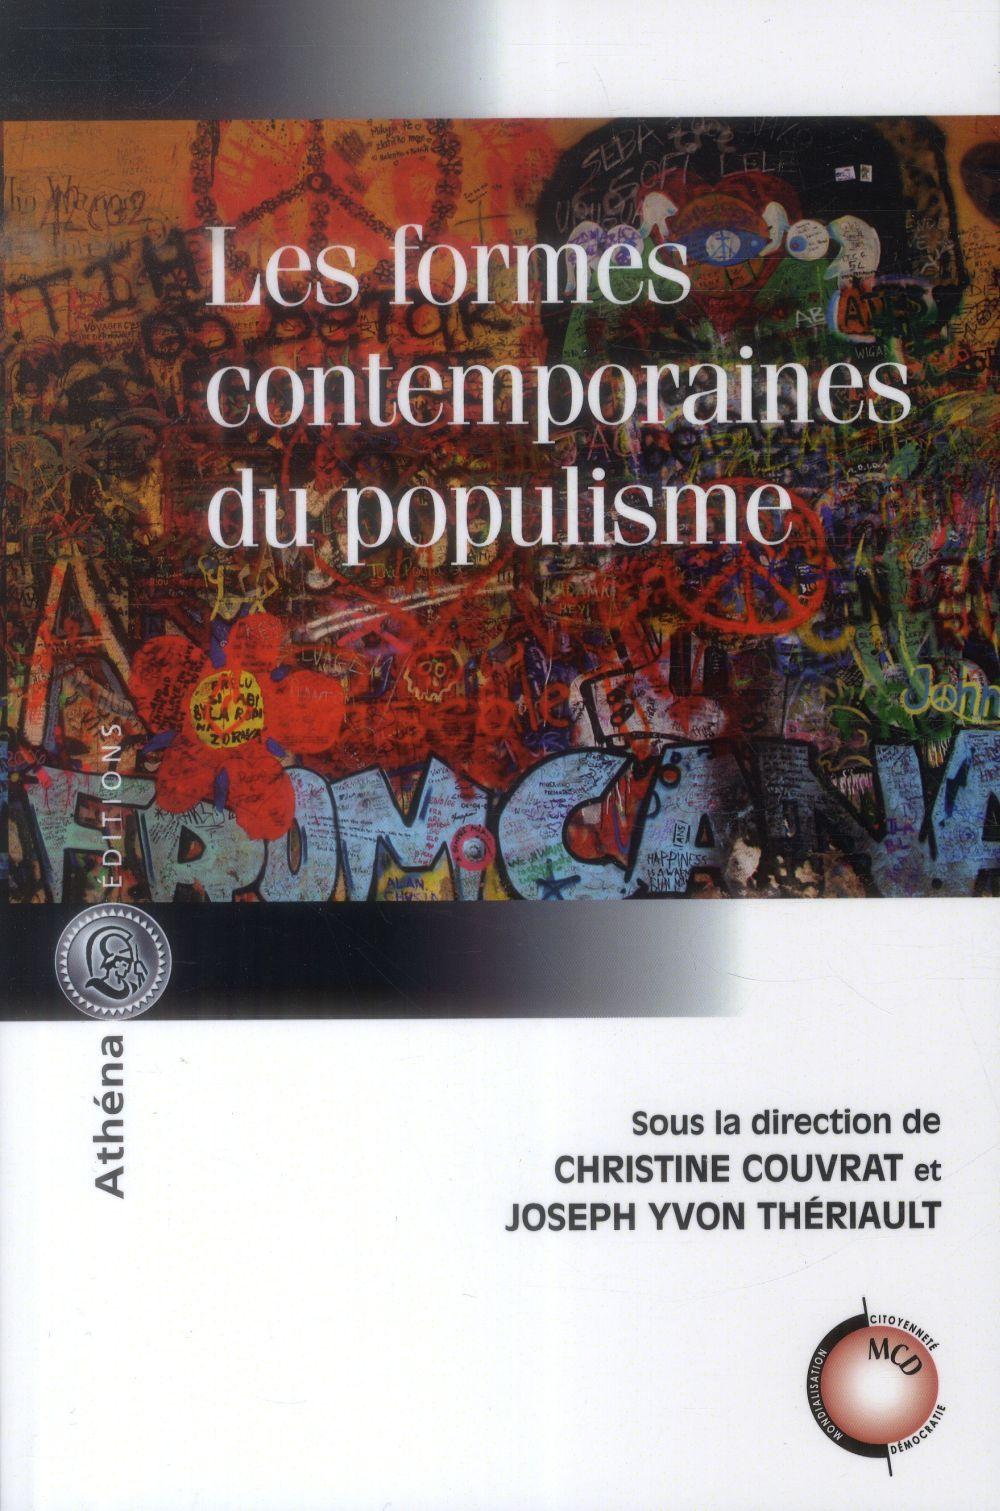 Les formes contemporaines du populisme